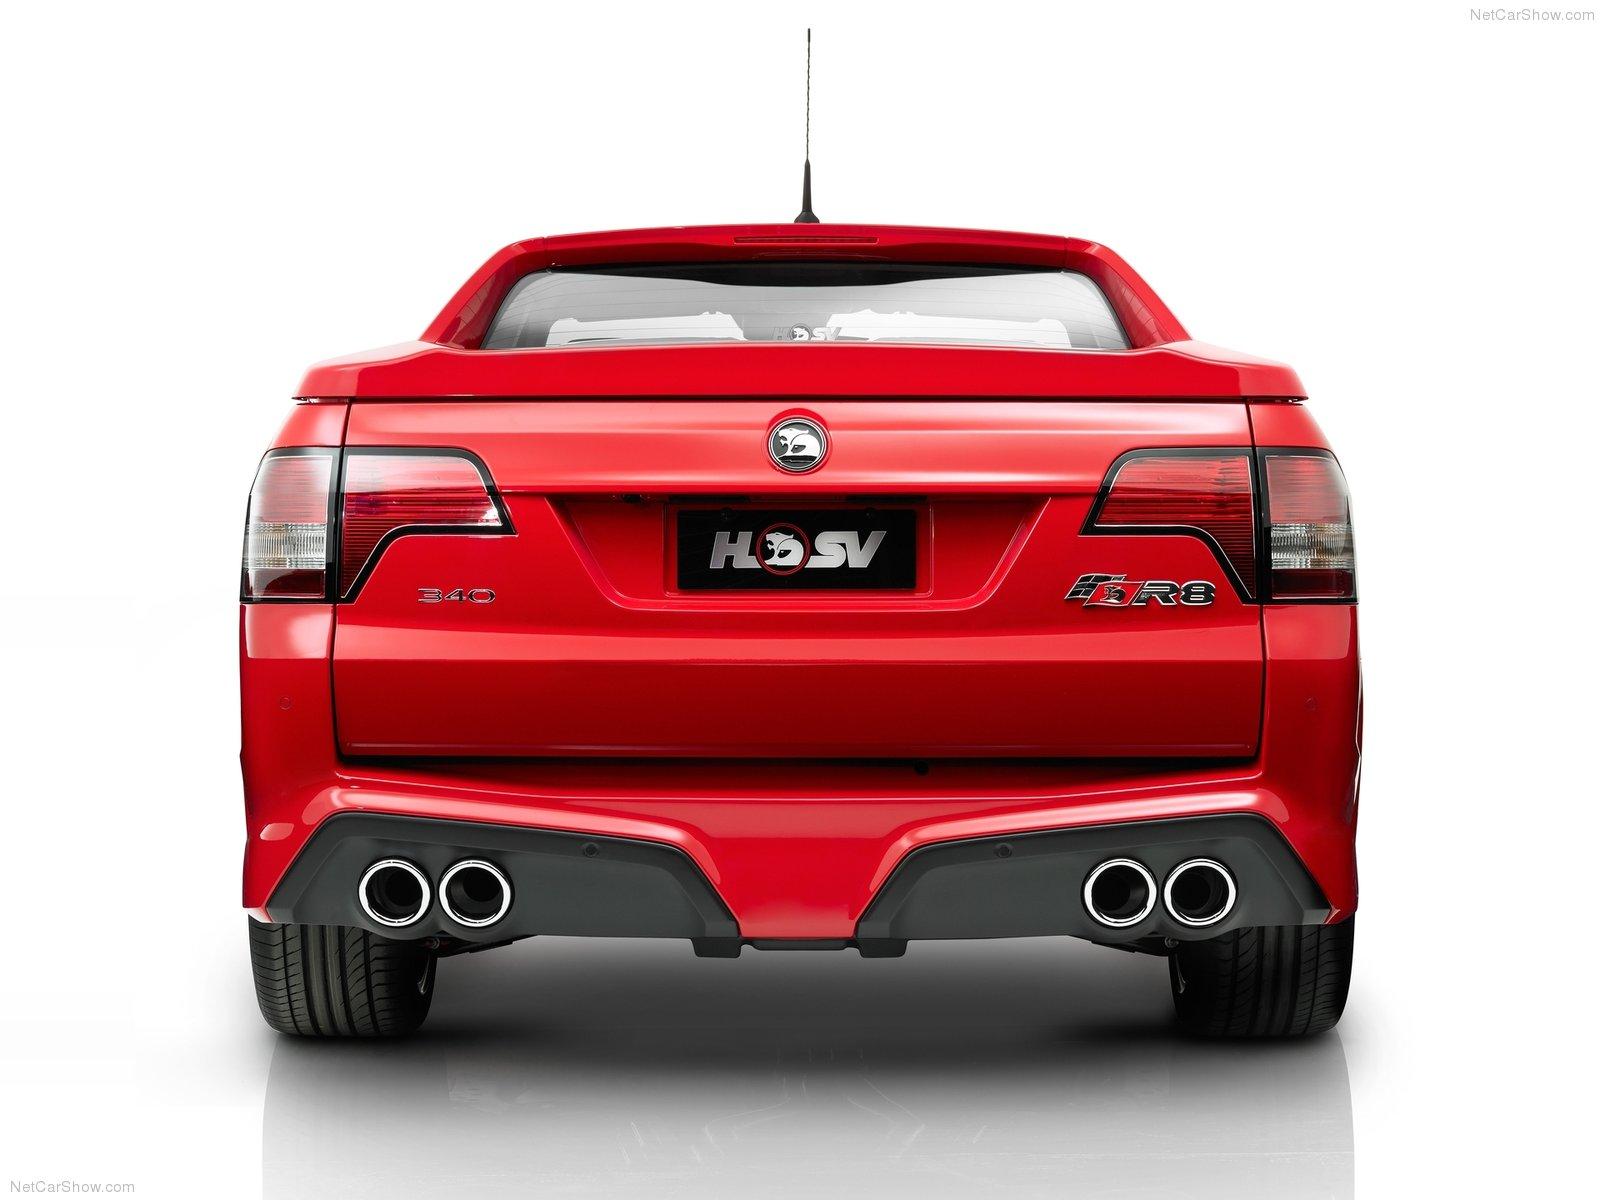 Hình ảnh xe ô tô HSV Gen-F Maloo R8 SV 2014 & nội ngoại thất